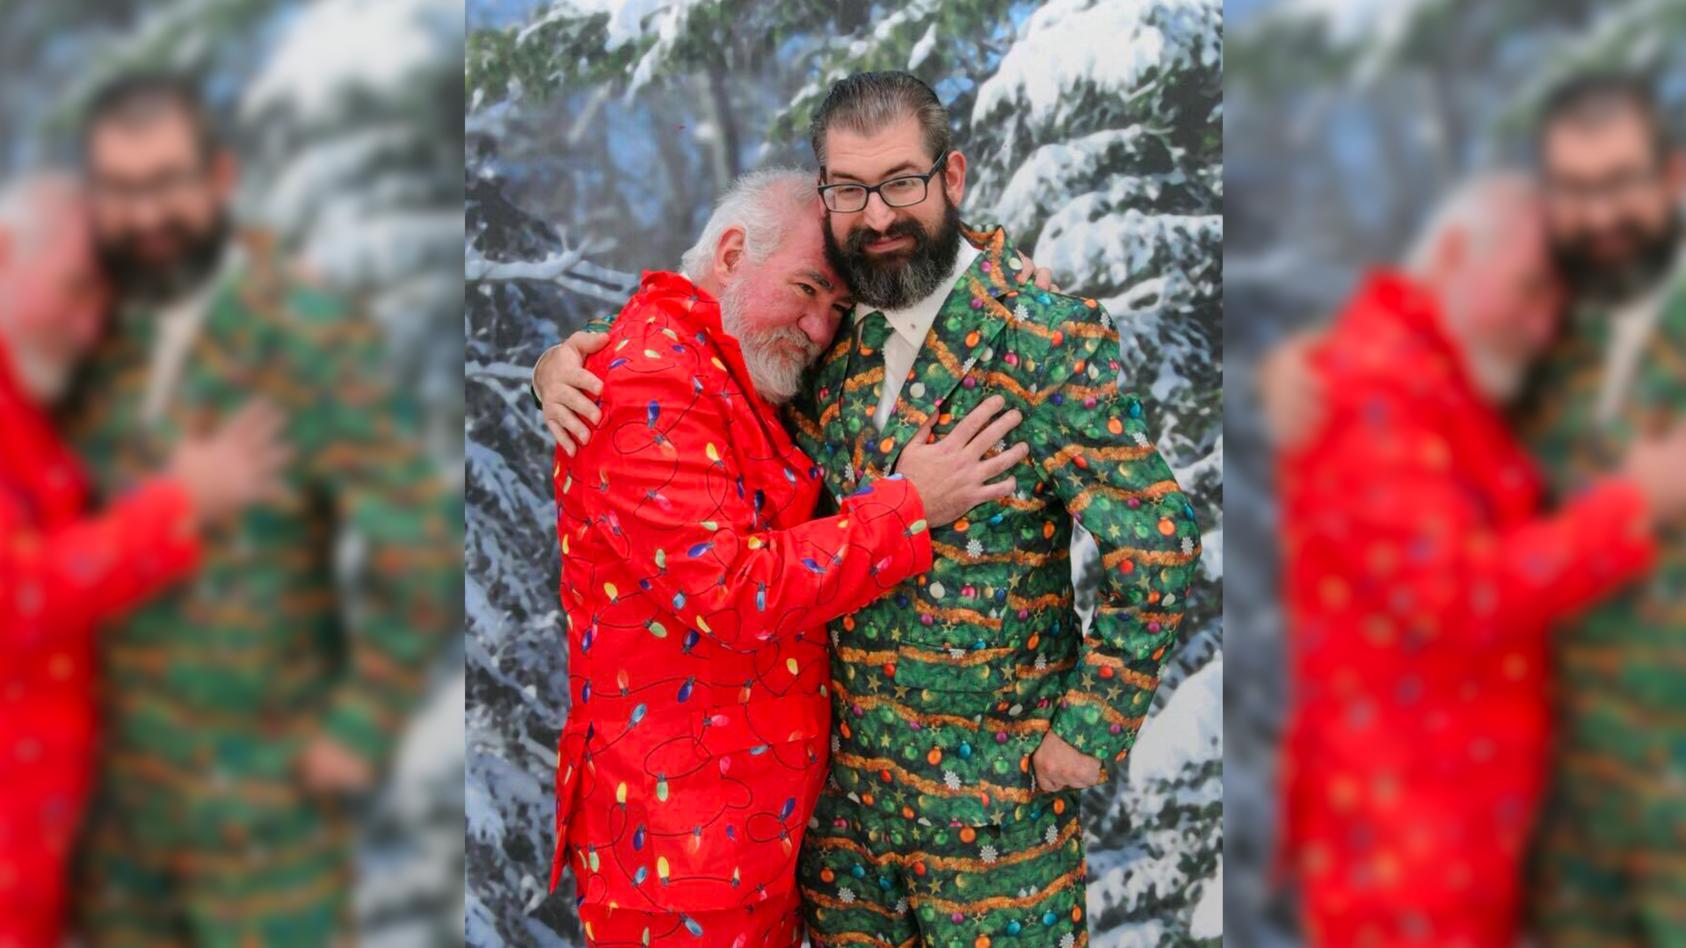 Bob Lee Allen und sein Ehemann Thomas Evan Gates kastrierten einen 28-jährigen Mann in einer Ferienhütte.